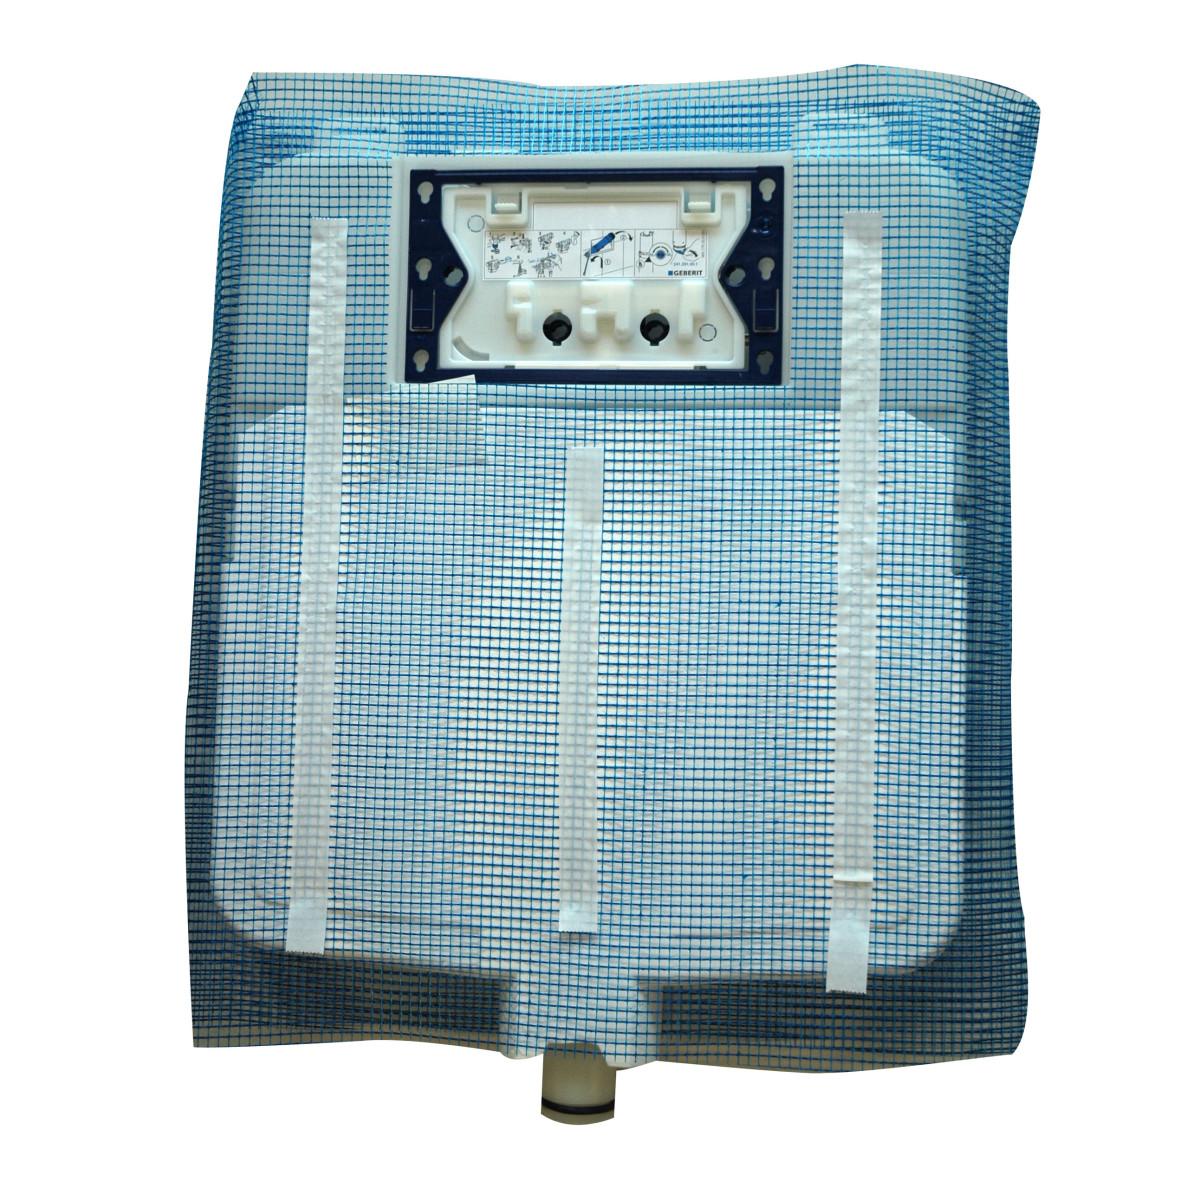 Piatto doccia houston 70 x 90 cm: prezzi e offerte online